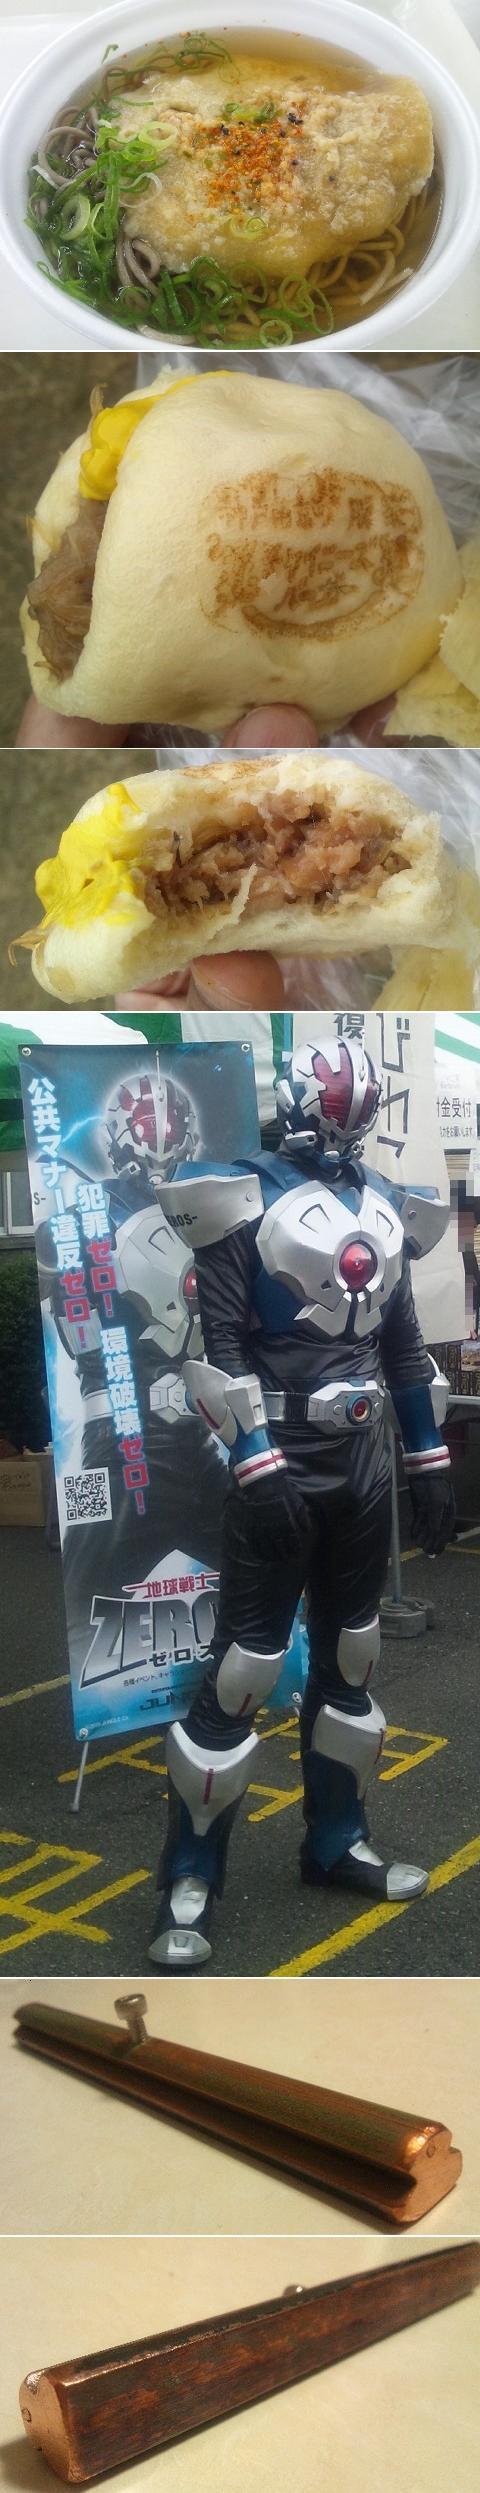 京阪電車 ファミリーレールフェア2012 @寝屋川車両基地